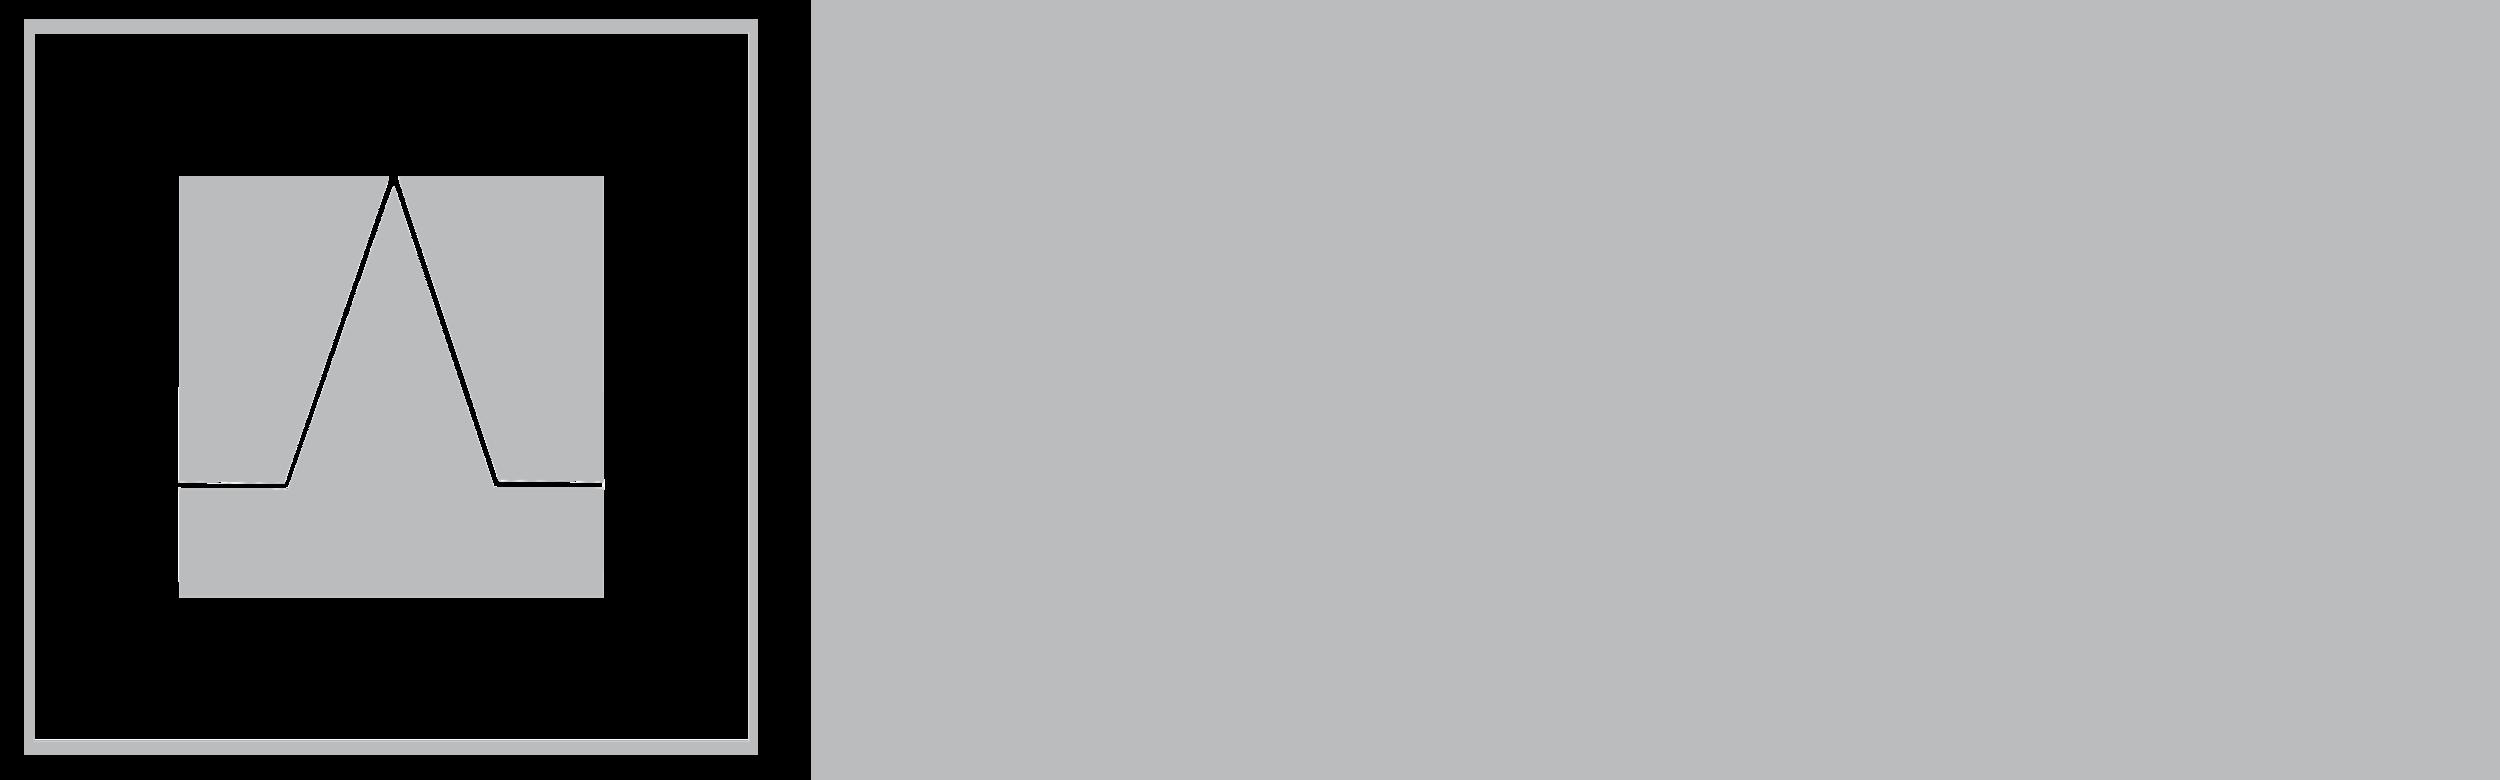 AMCK FIT LOGO (grey on transparent).png